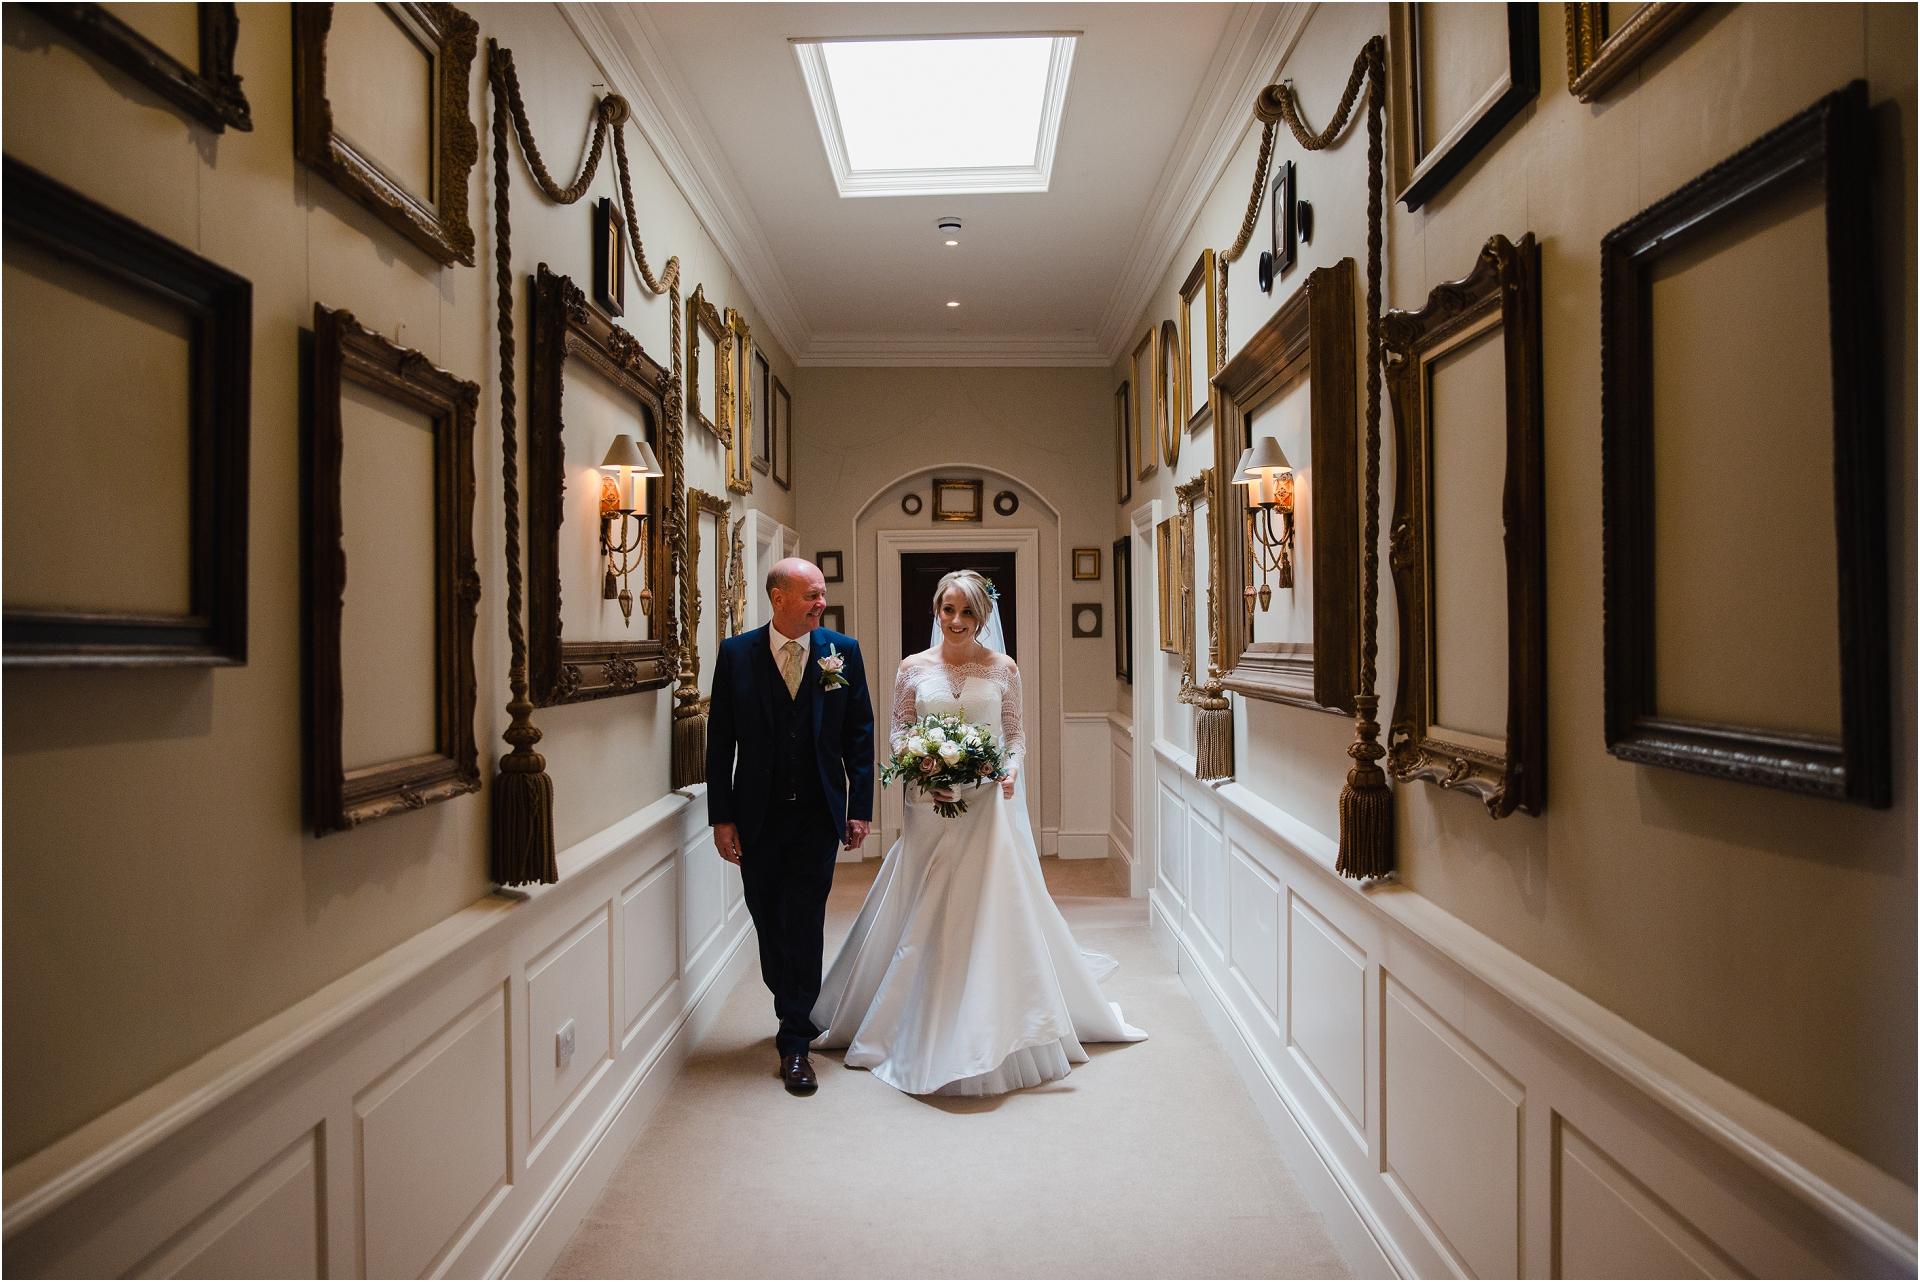 wedding morning at stubton hall